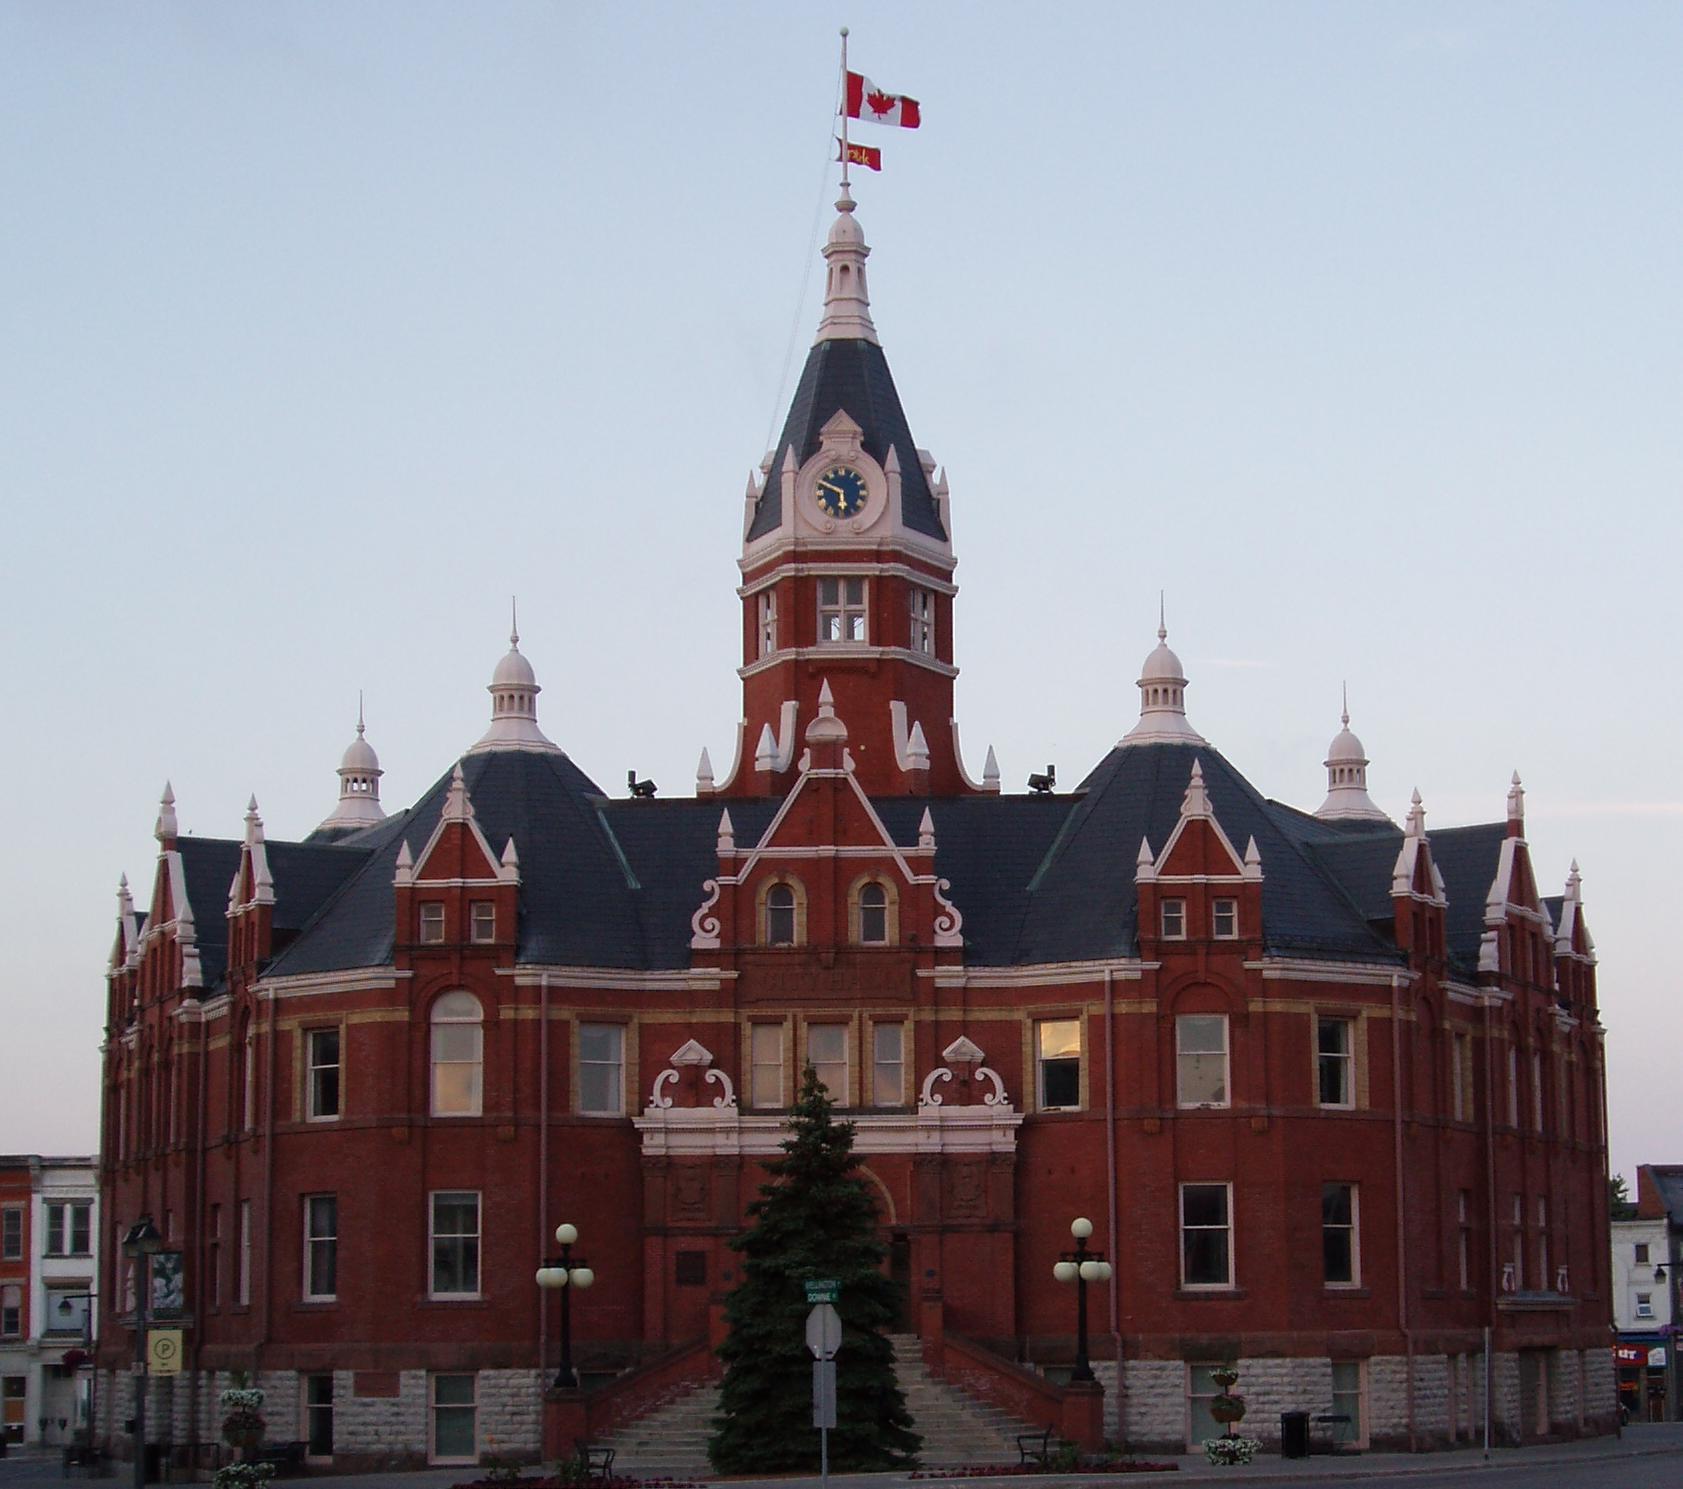 Royal Customs Stratford Ontario